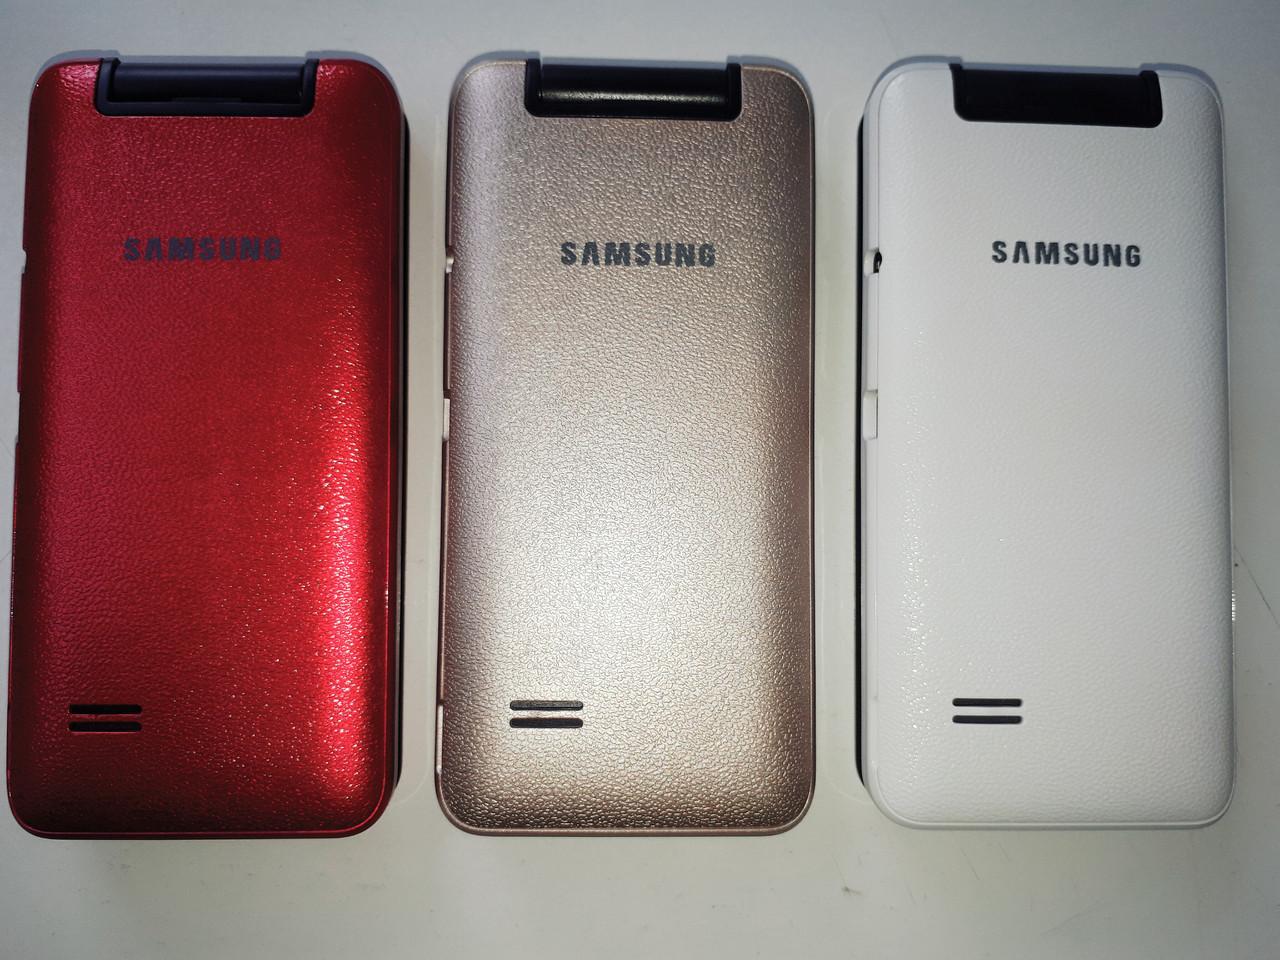 Мобильный раскладной телефон Samsung Galaxy G150 dual 2 SIM китай ... | 960x1280